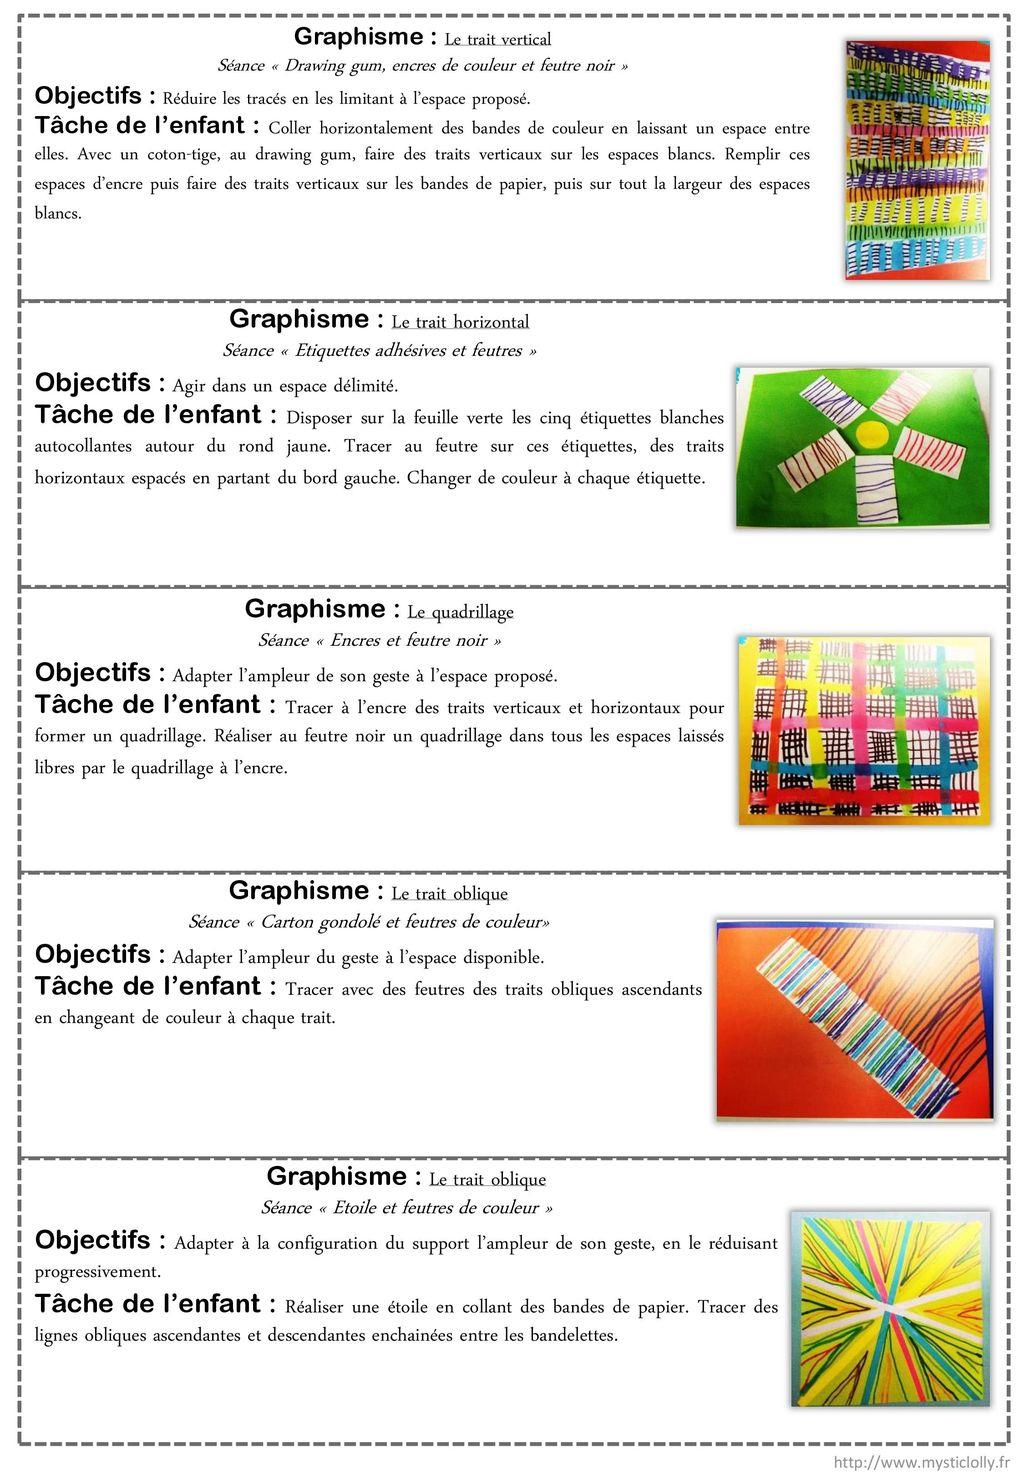 Liste Des Consignes : Ateliers Graphiques Ms - Ppt Télécharger à Ateliers Graphiques Ps